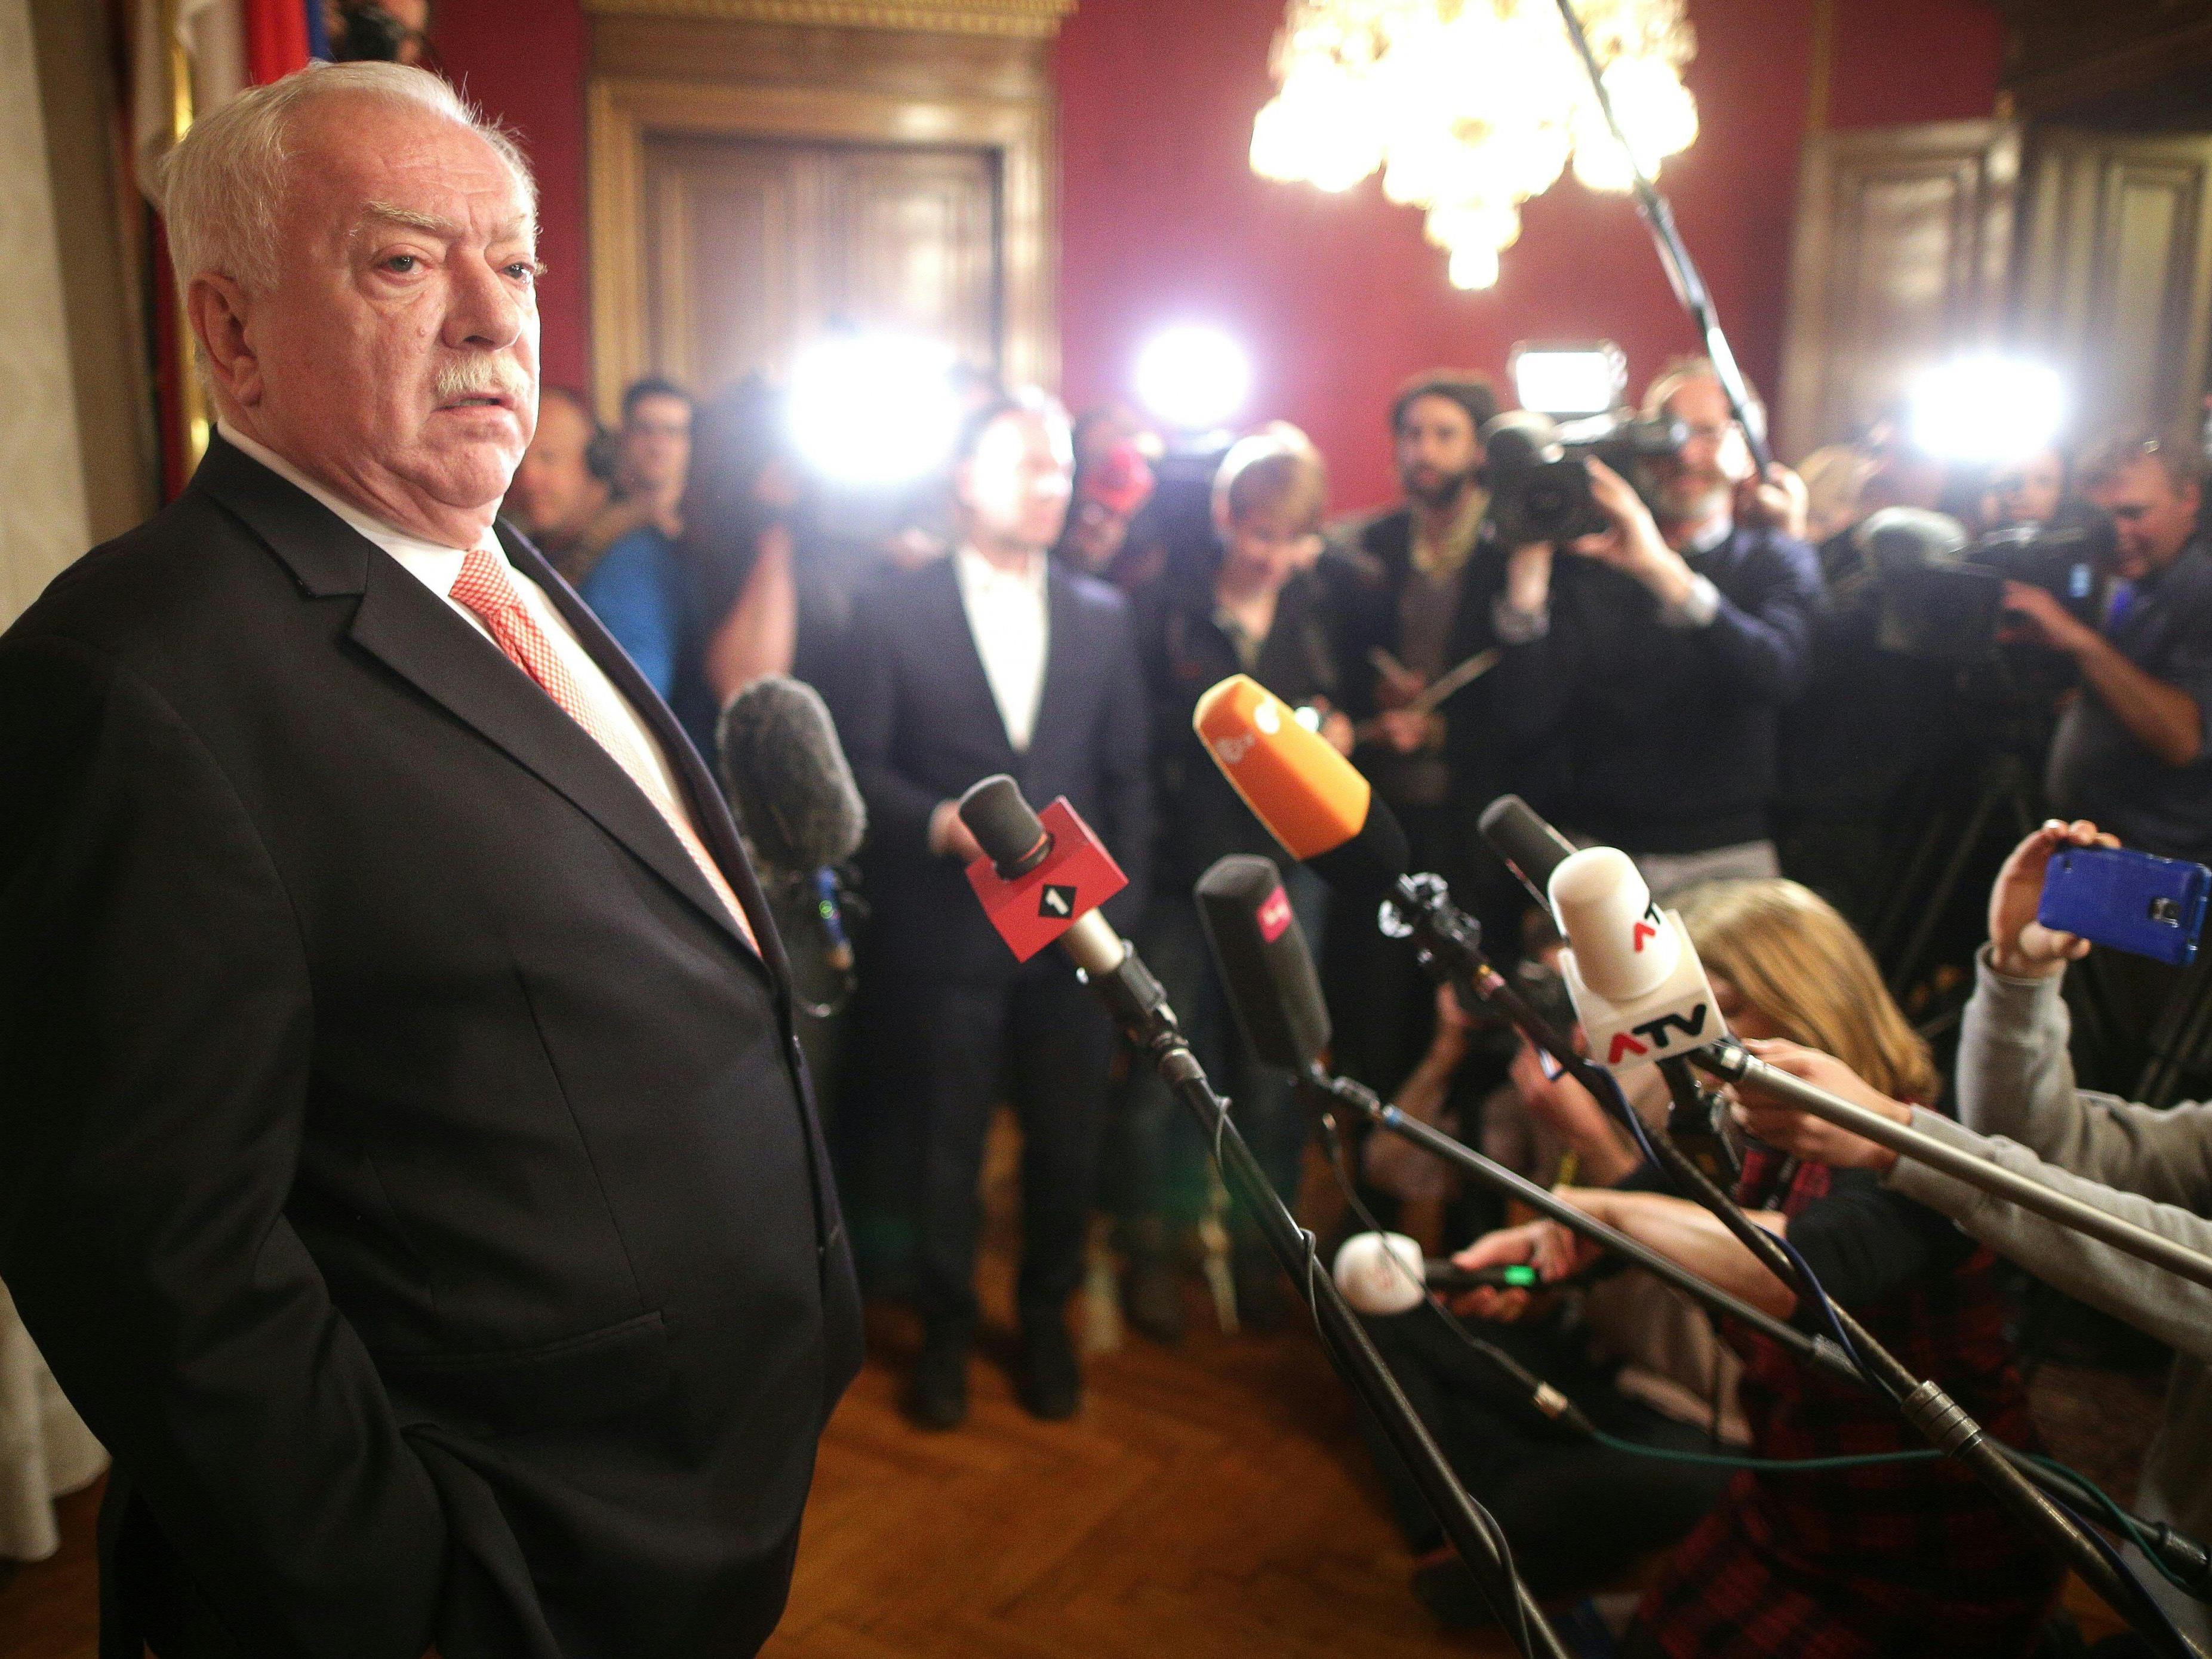 Michael Häupl will kein Machtwort nach den Verlusten in der Leopoldstadt sprechen